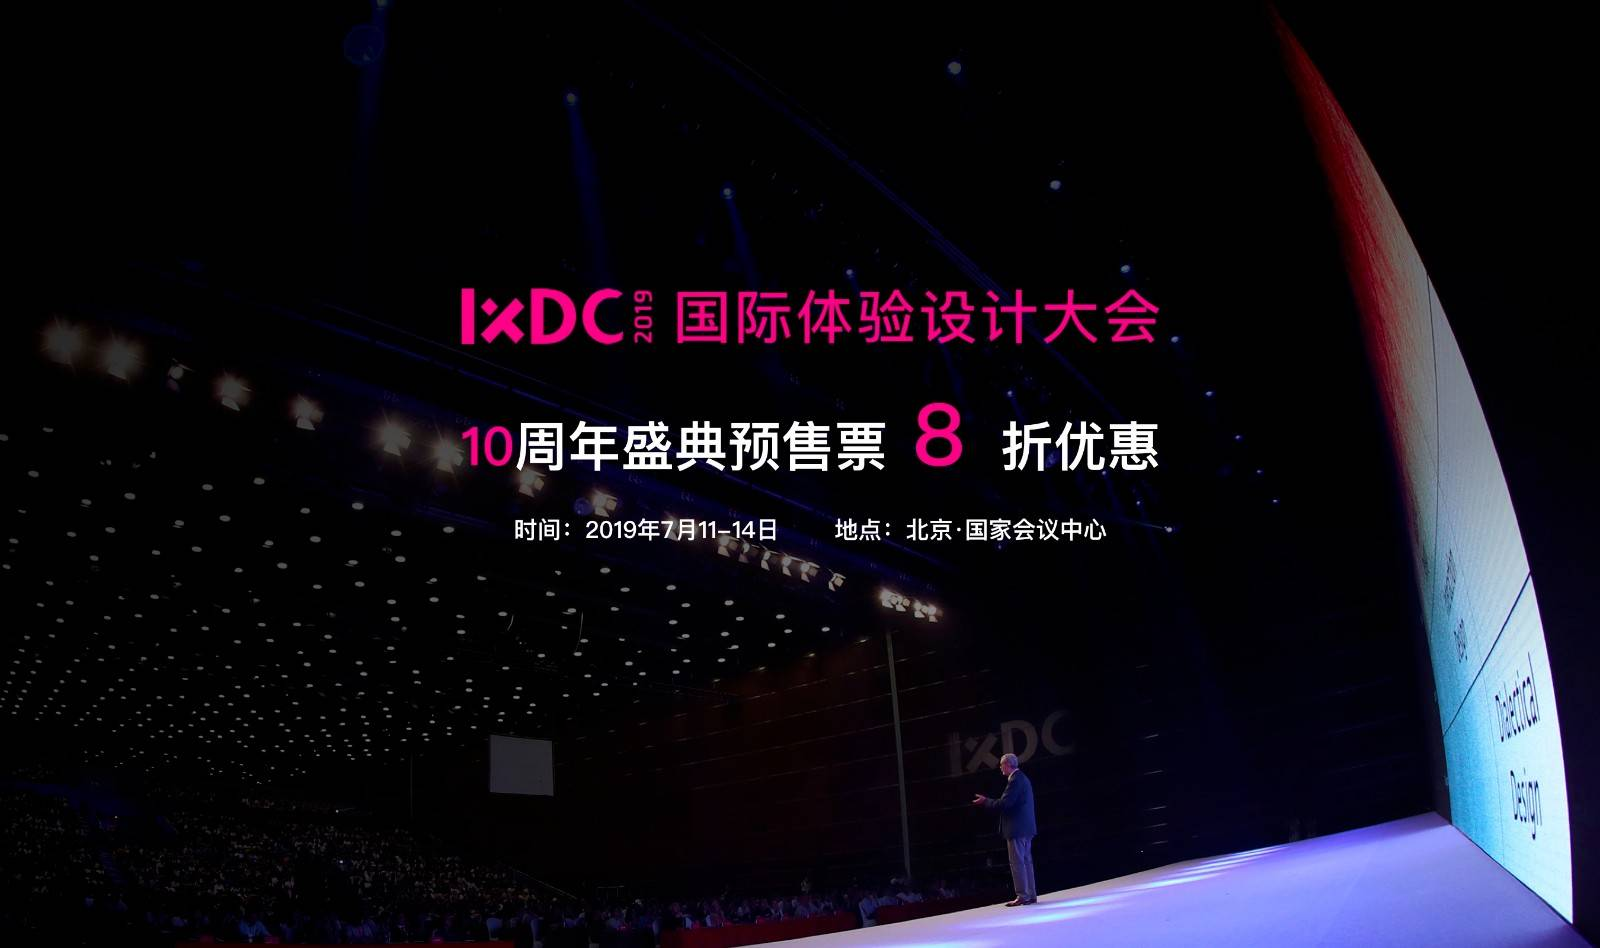 活动平台banner图 1080*640 .jpg